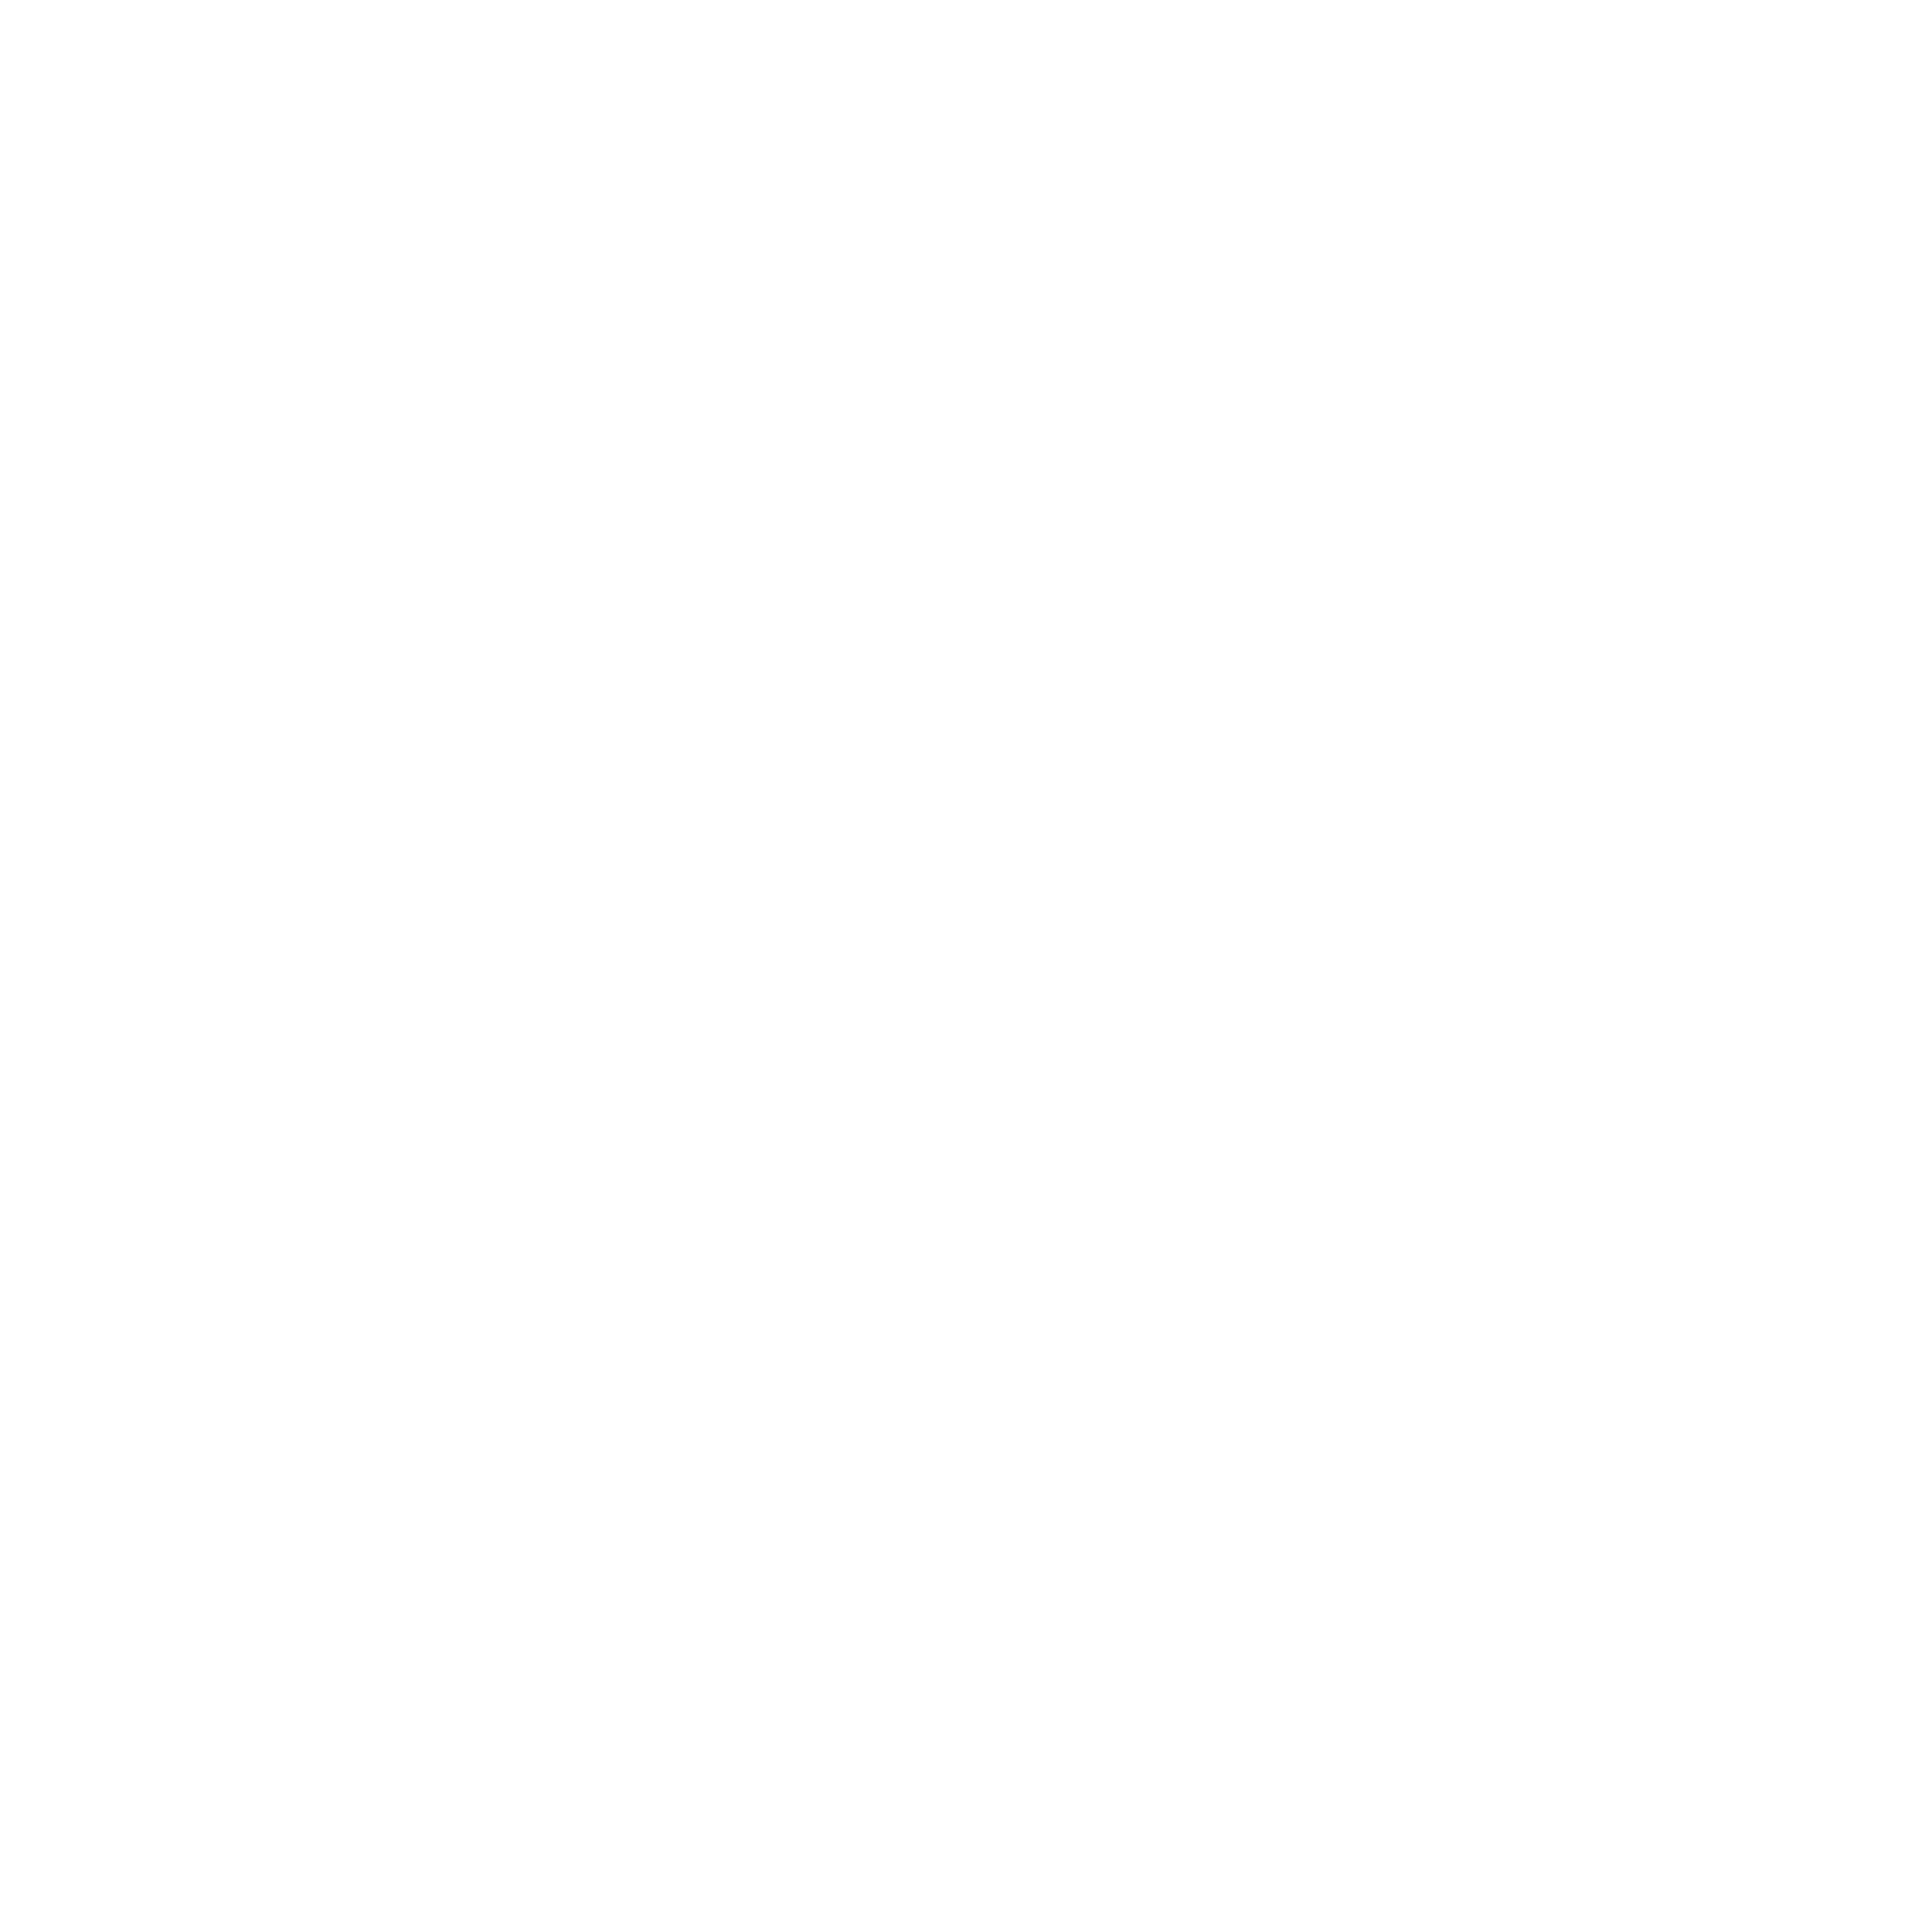 Lavage de vitrage blanc-01